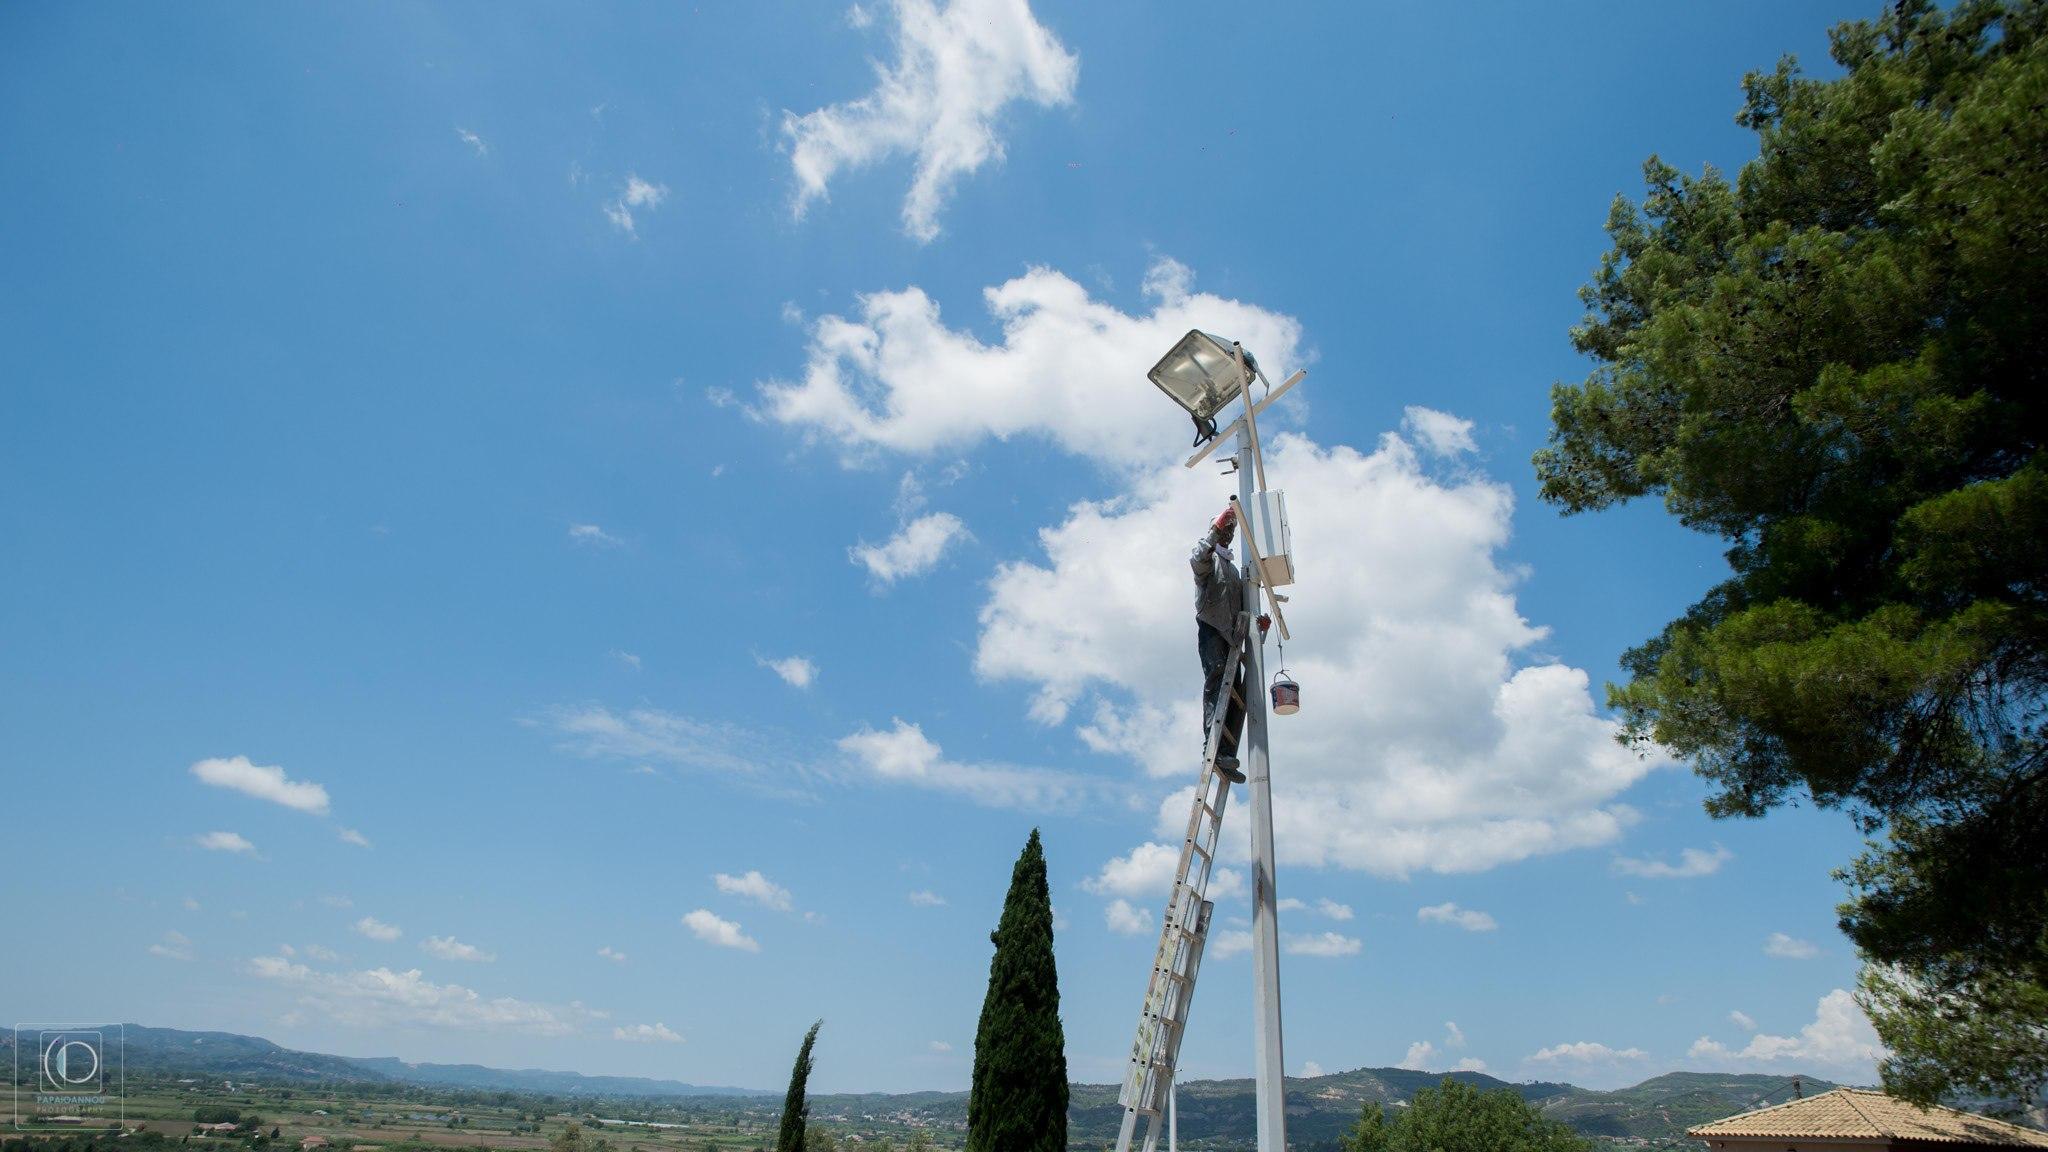 Έργα συντήρησης από τον Δήμο Αρχαίας Ολυμπίας: Έτοιμο το θέατρο Φλόκα για το Διεθνές Φεστιβάλ Τεχνών (photos)